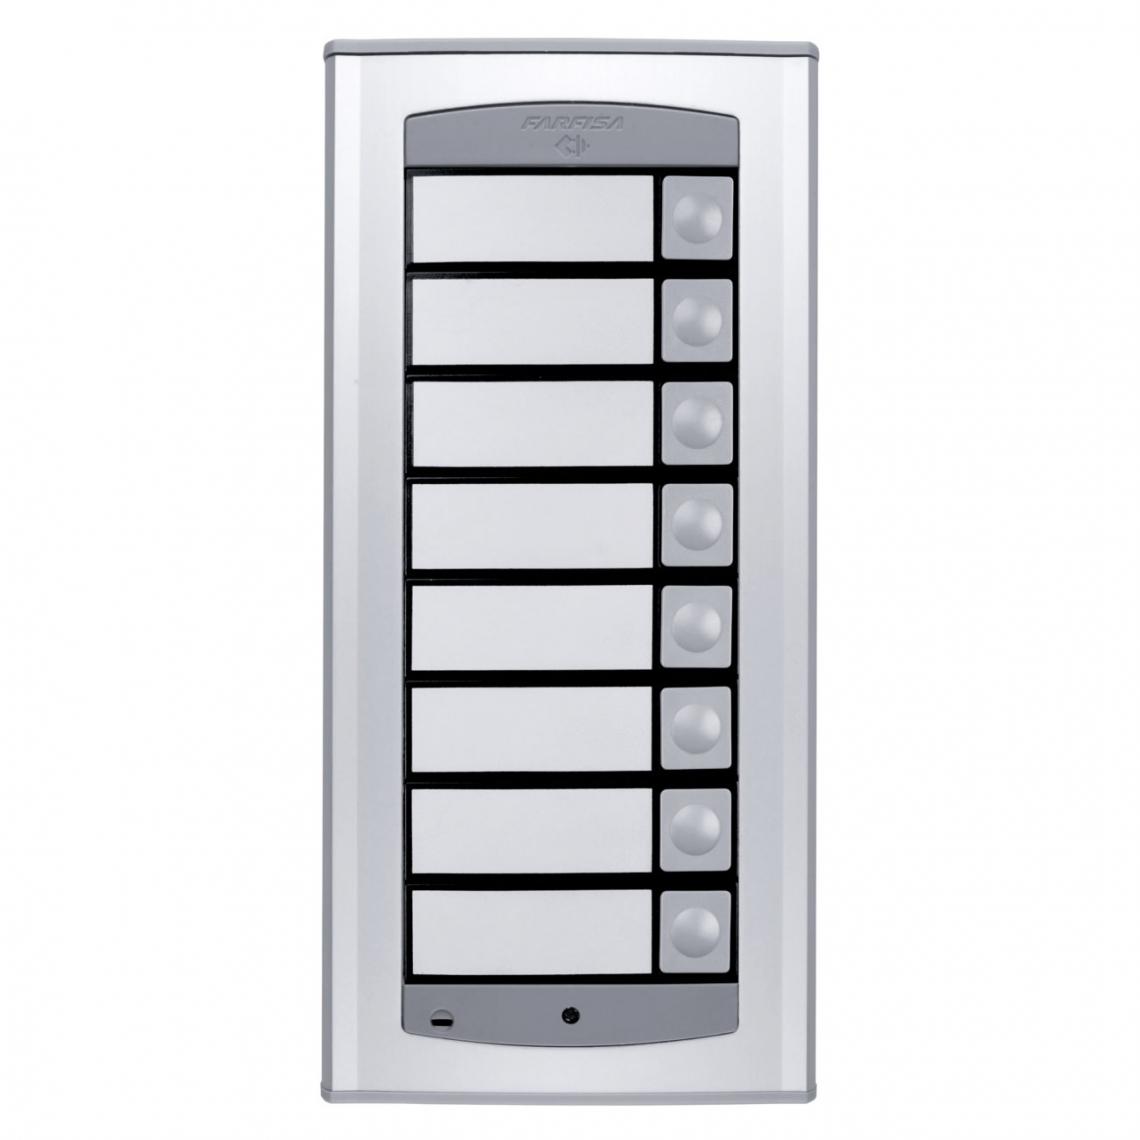 Posto esterno pulsanti aggiuntivi - AGL100T